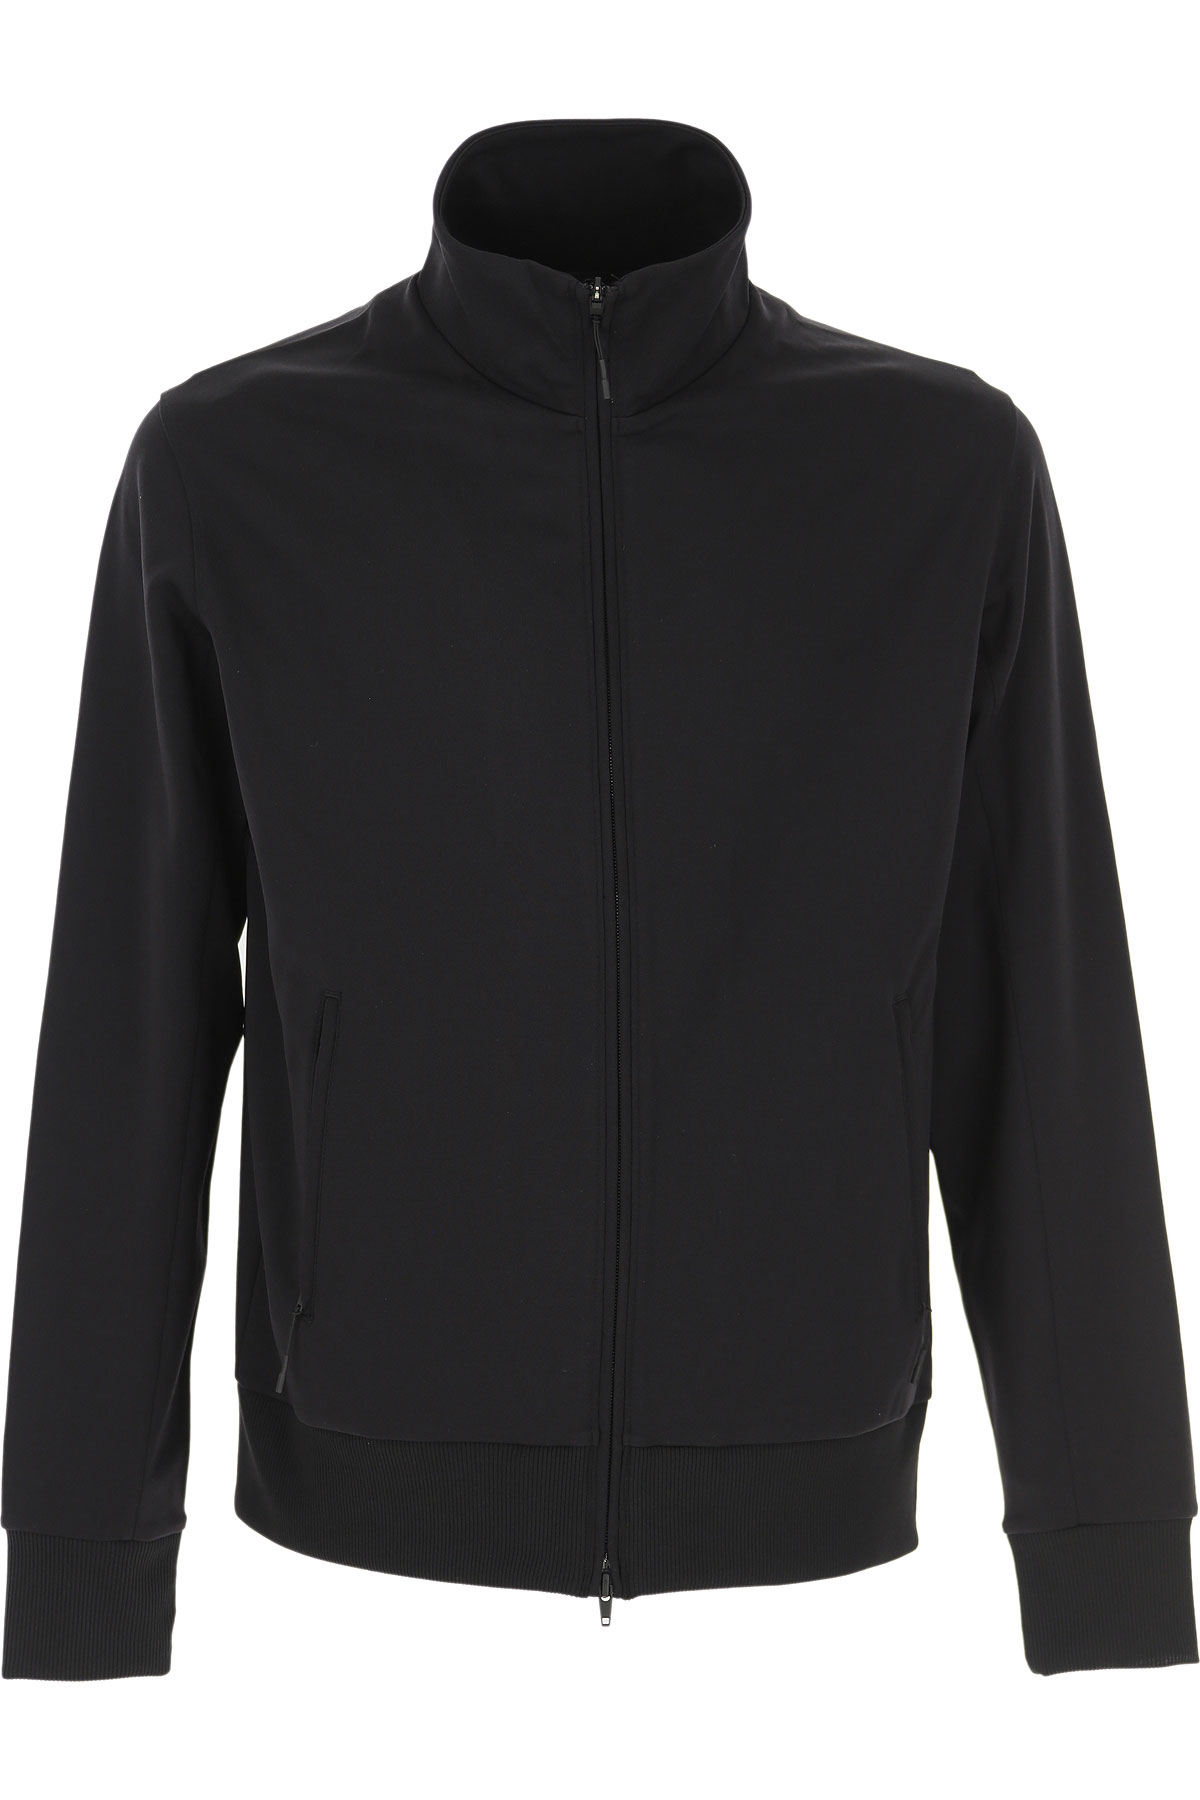 Y3 by Yohji Yamamoto Sweatshirt for Men On Sale, Black, polyamide, 2019, M S